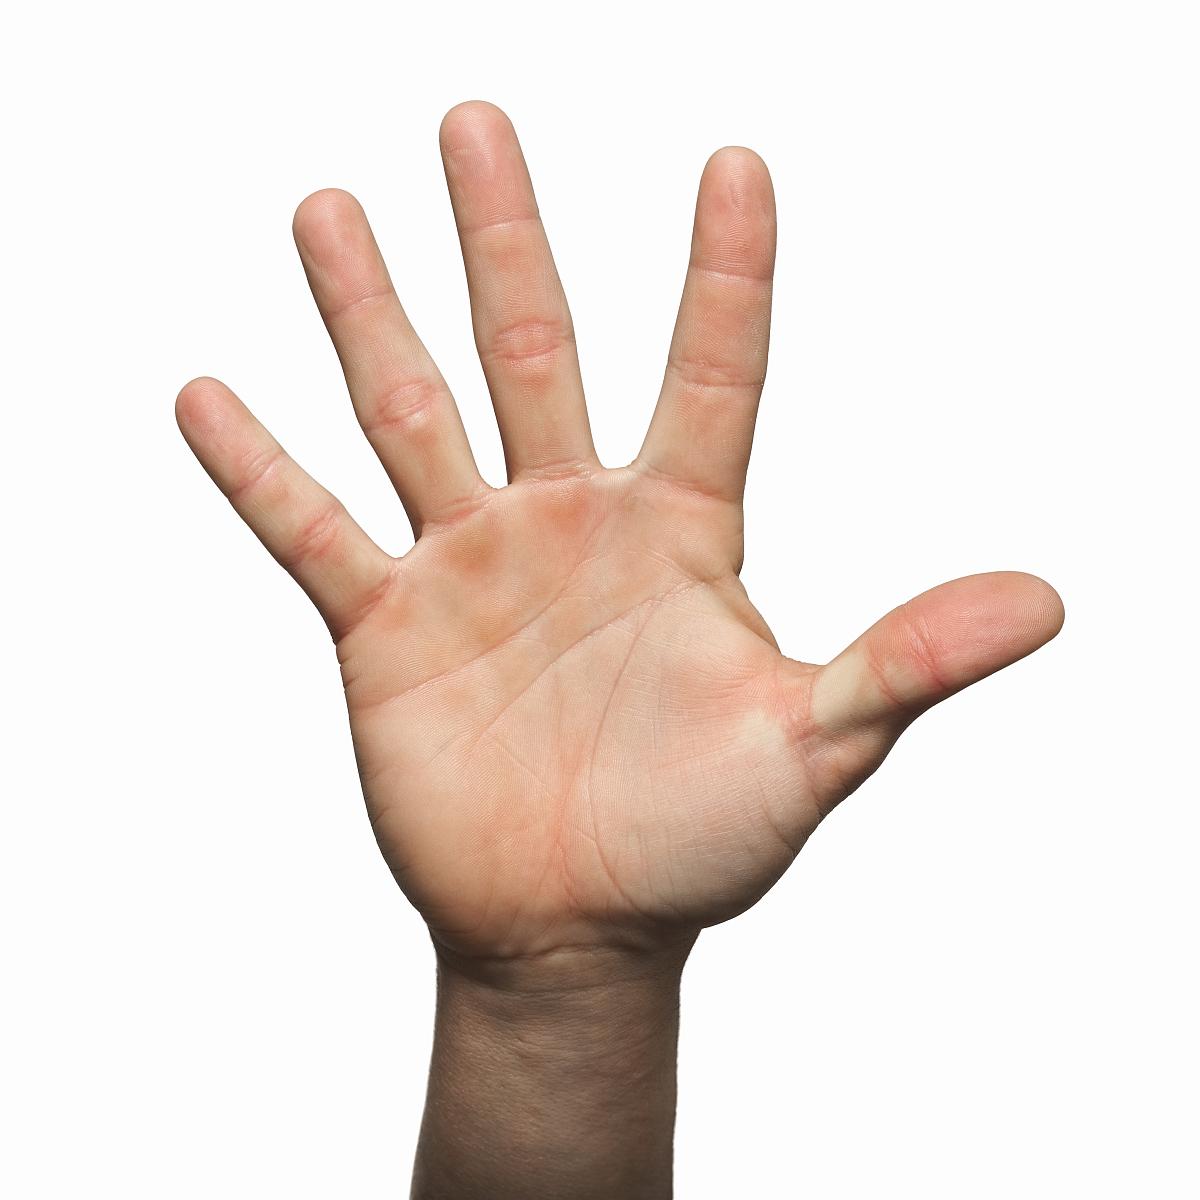 闭上�9�/9/h9�9��o^�_闭上了男人的手拿着五个手指